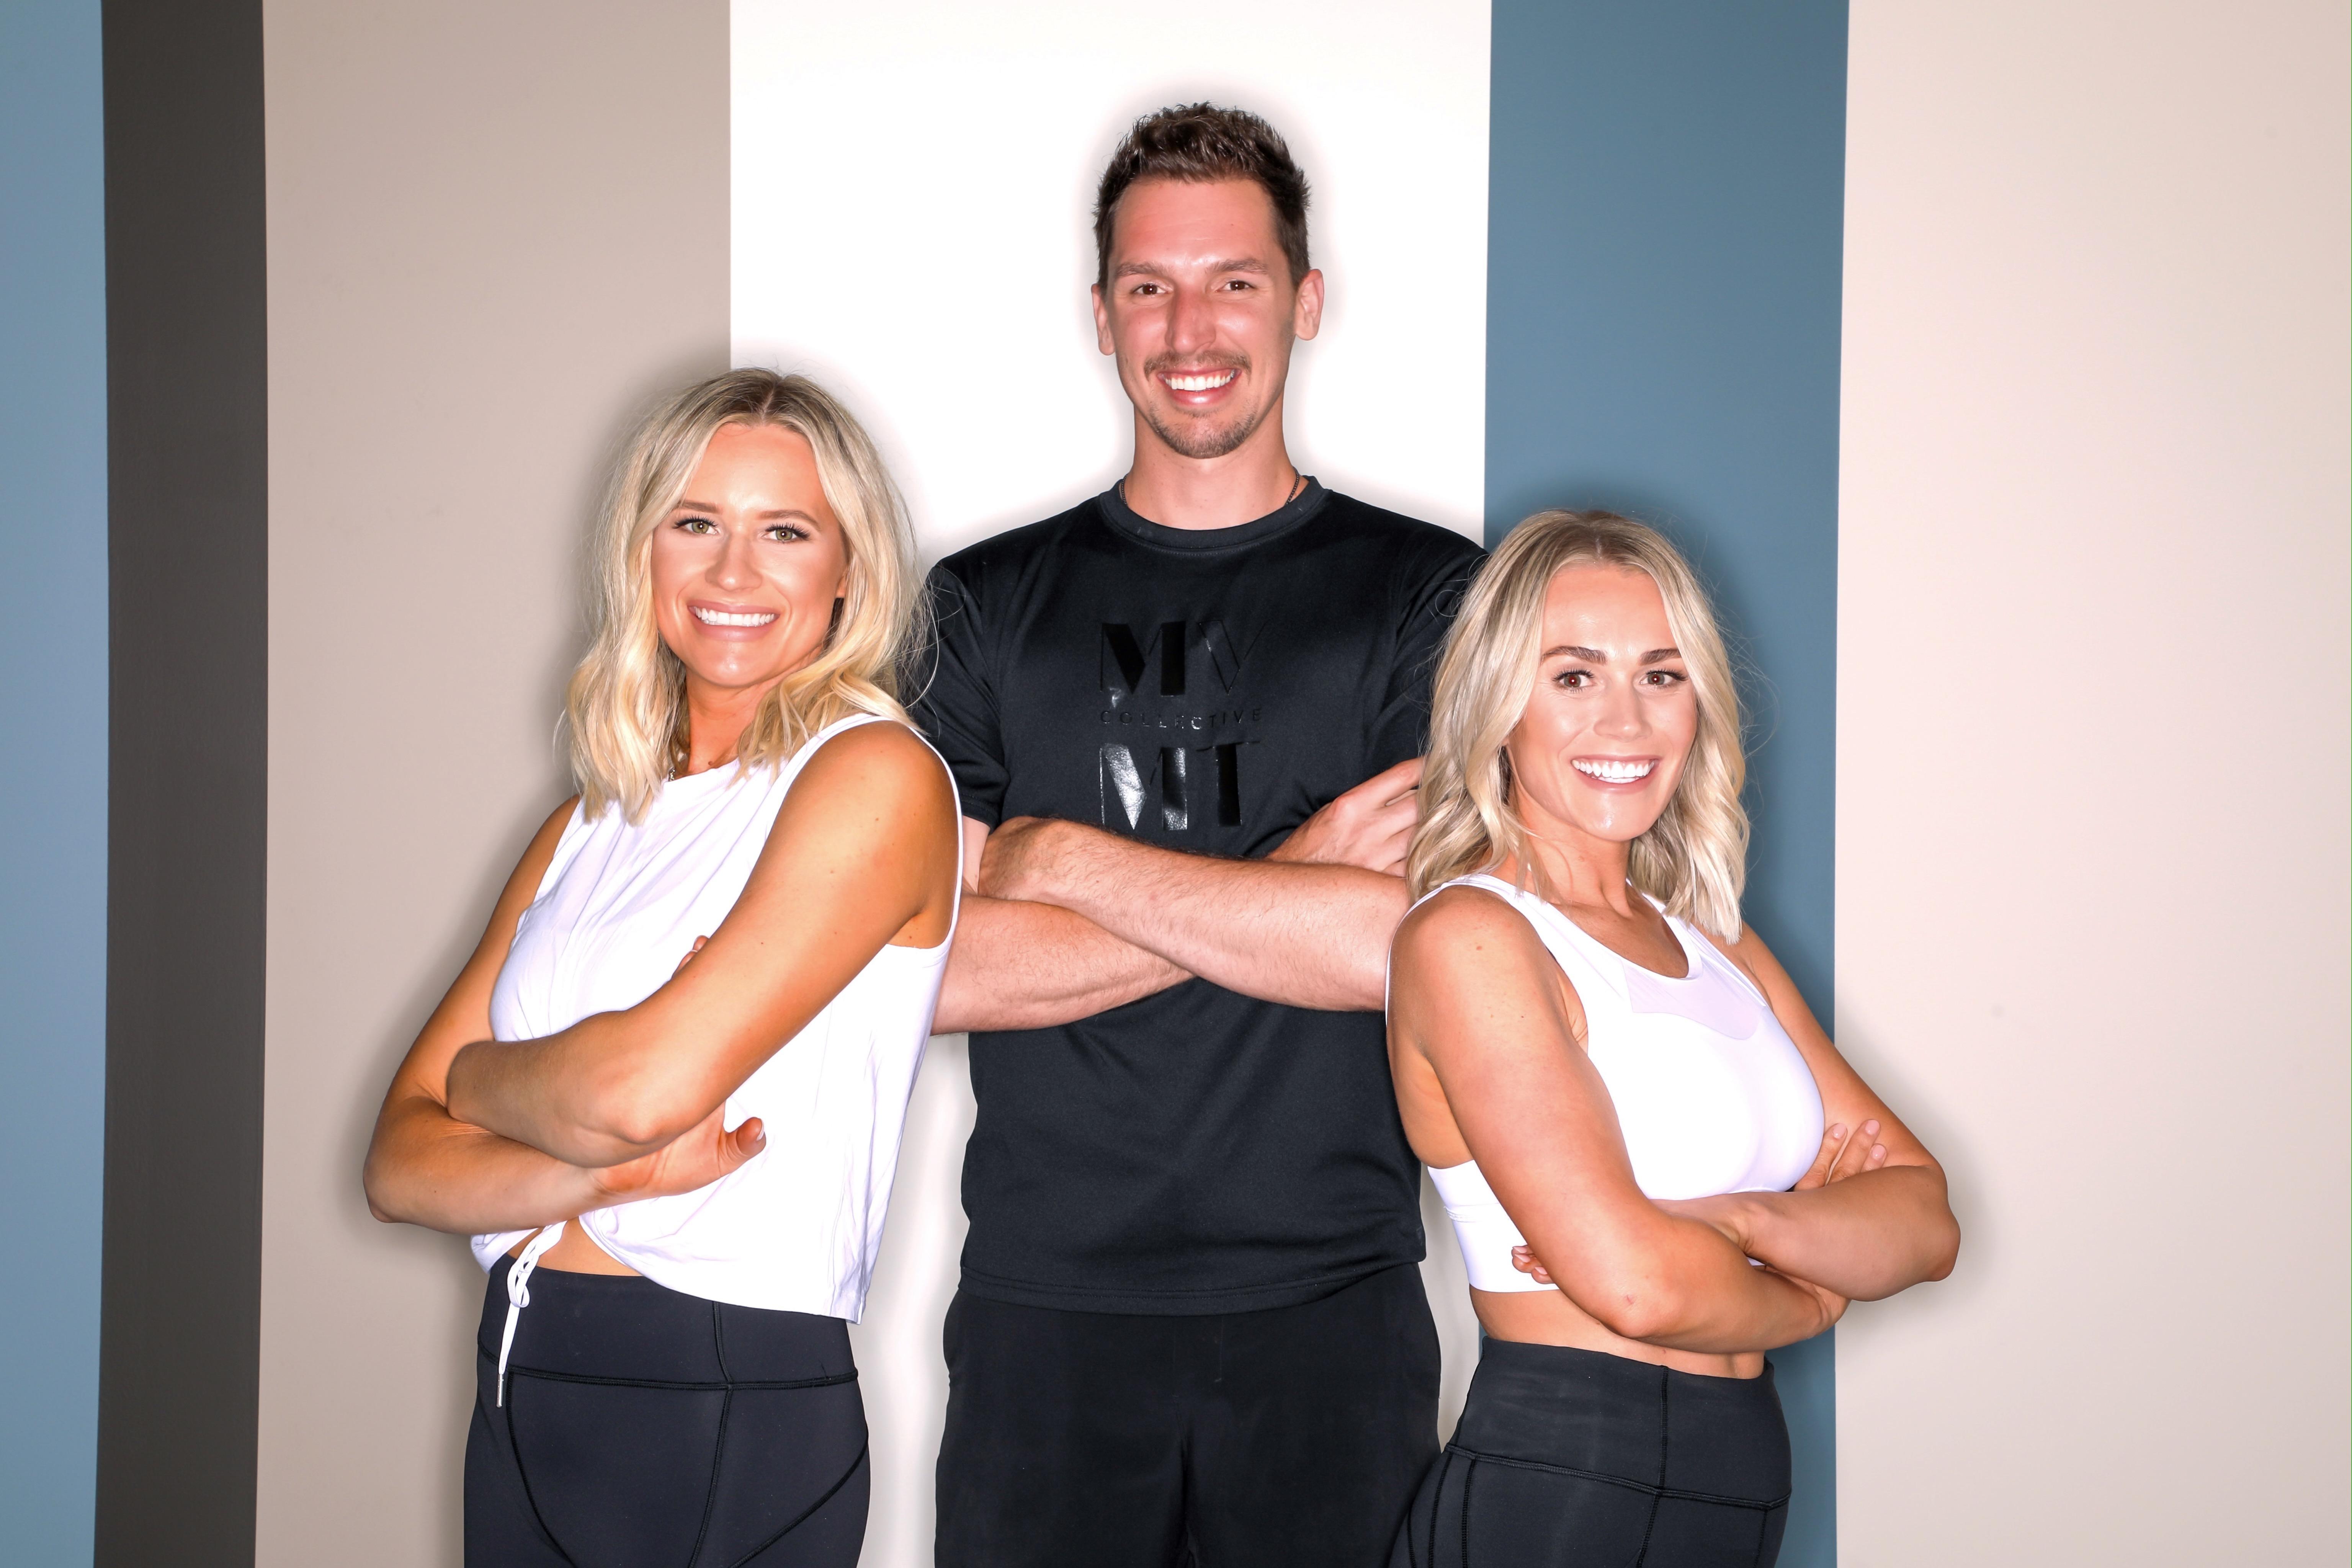 The fitness studio's staff